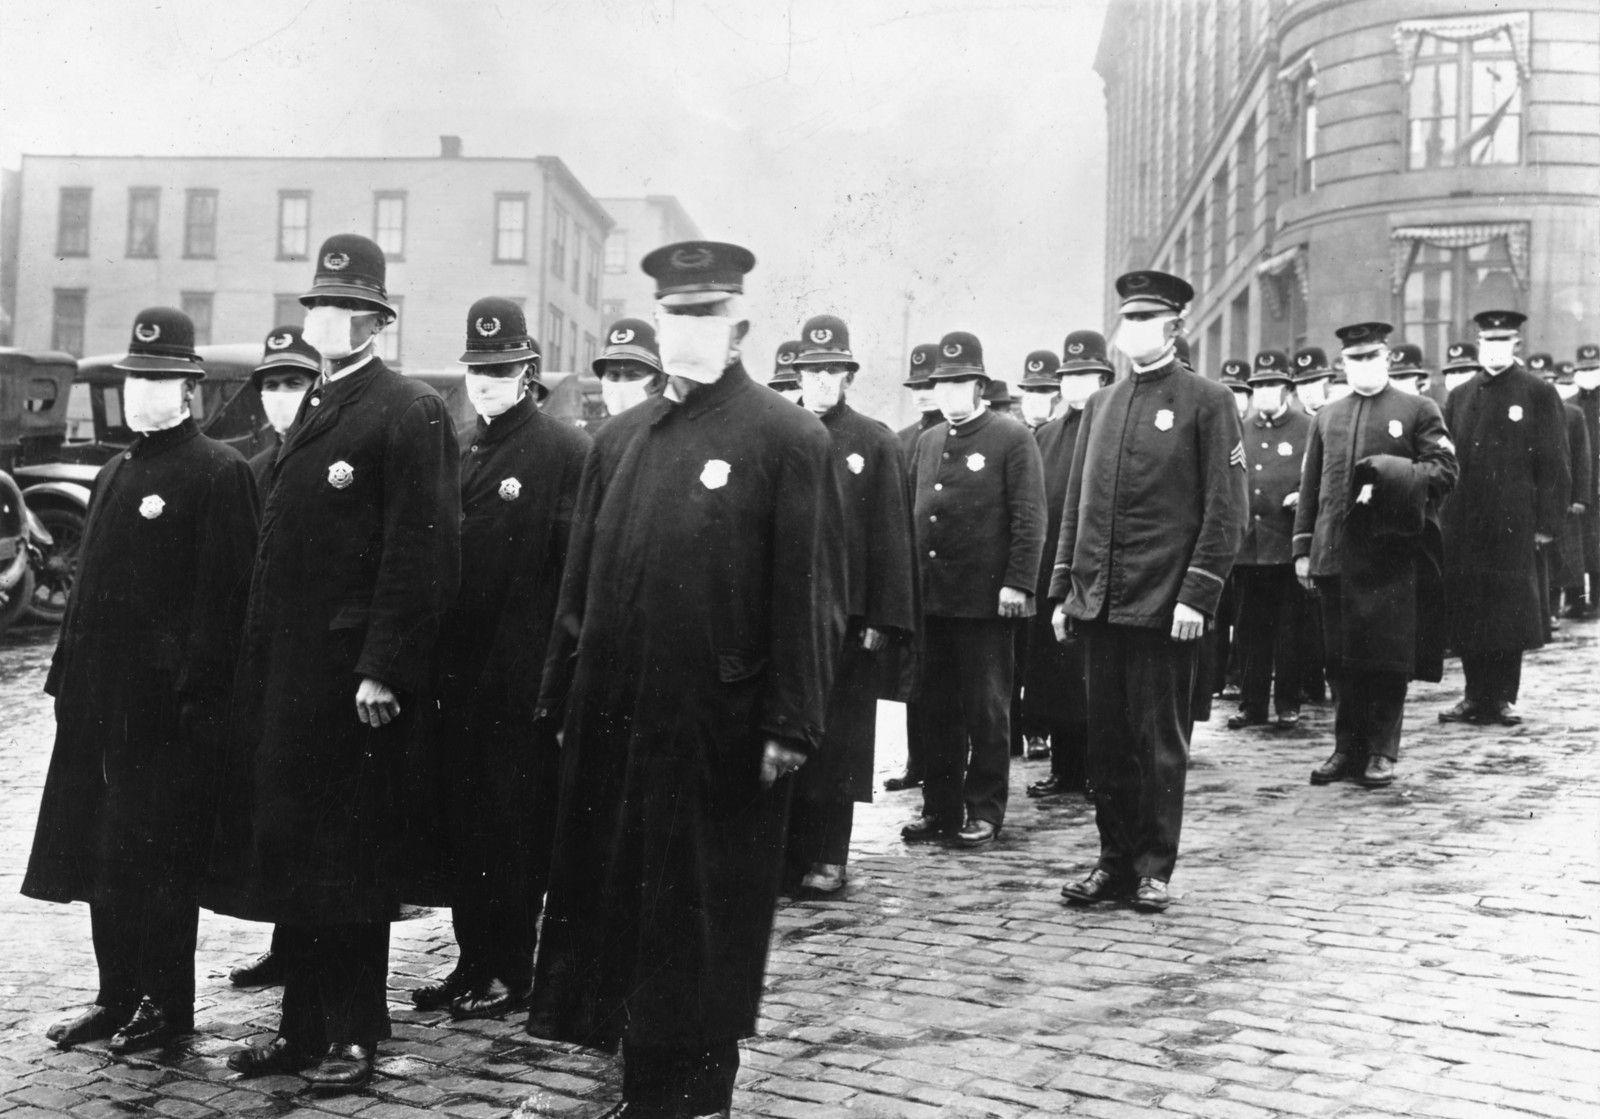 En décembre 1918, à Seattle, les forces de l'ordre sont équipées de masques. Source: https://fr.wikipedia.org/wiki/Grippe_espagnole#/media/Fichier:165-WW-269B-25-police-l.jpg